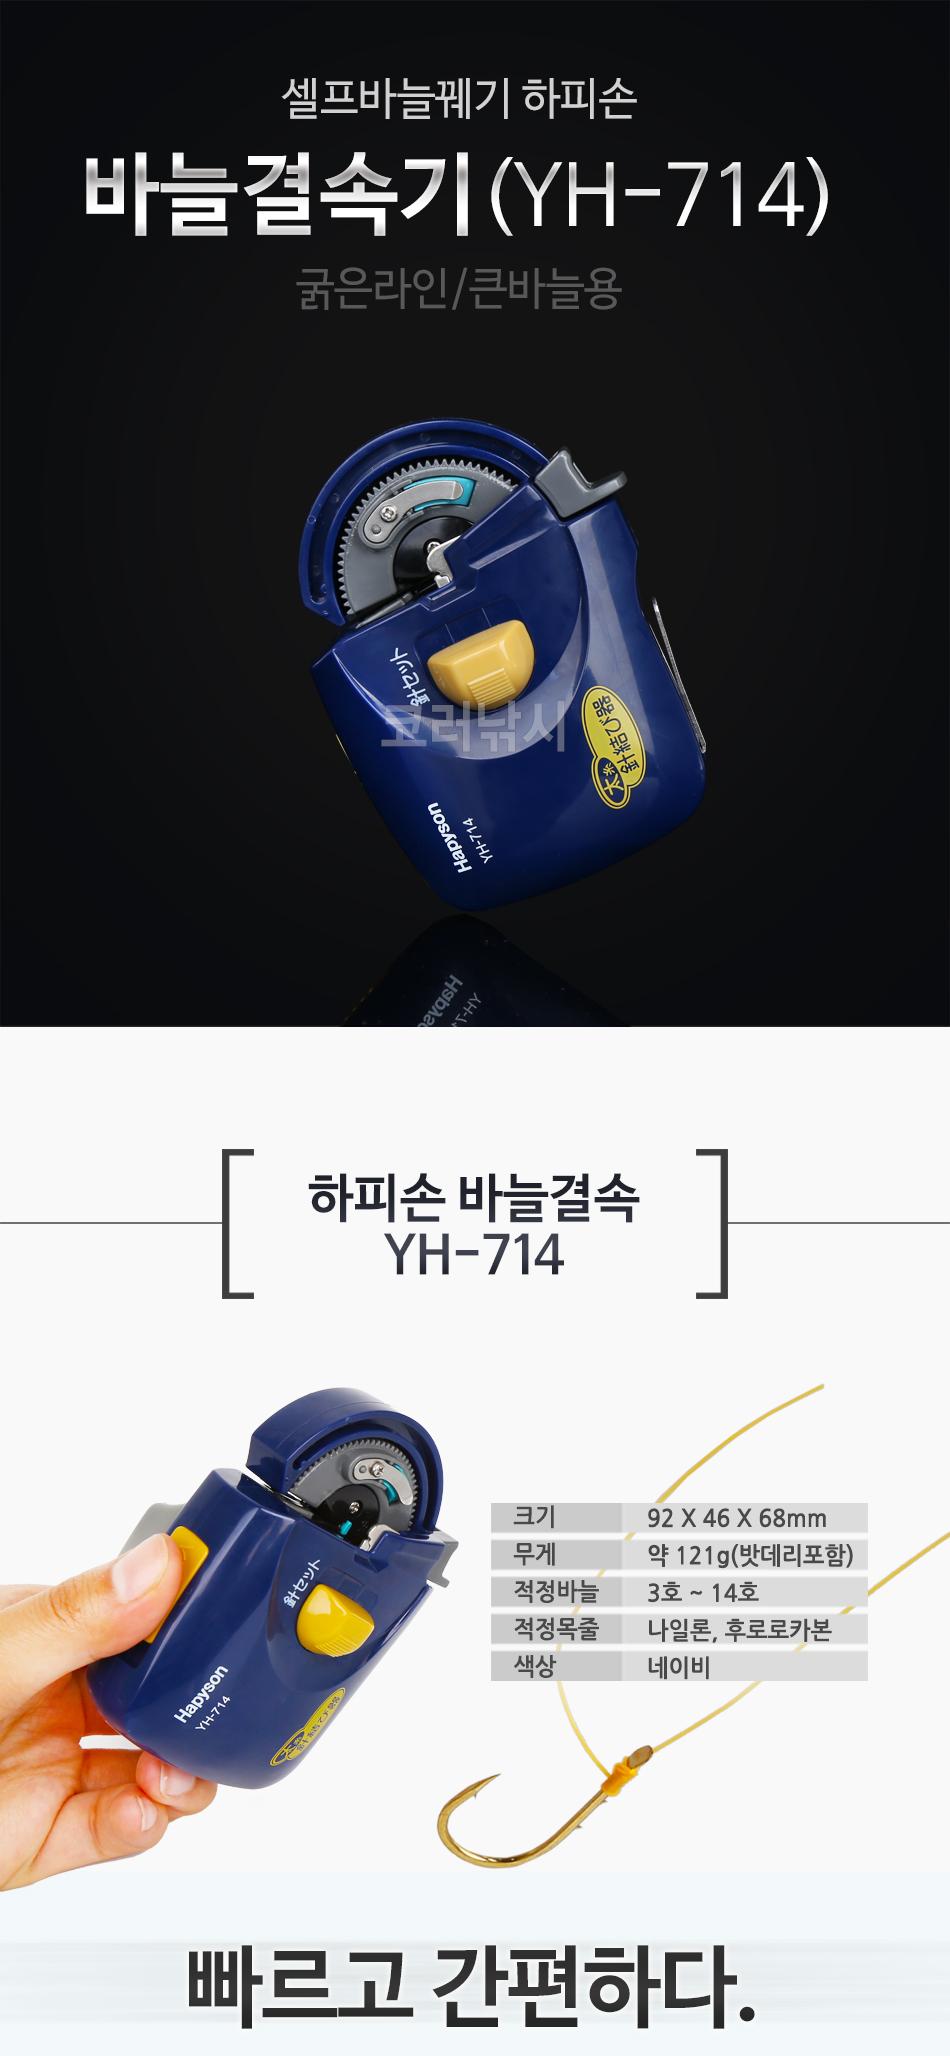 하피손 바늘결속기 (YH-714) (굵은라인/큰바늘용) 바늘결속기 결침기 나쇼날결속기 파나소닉결속기 해피손결속기